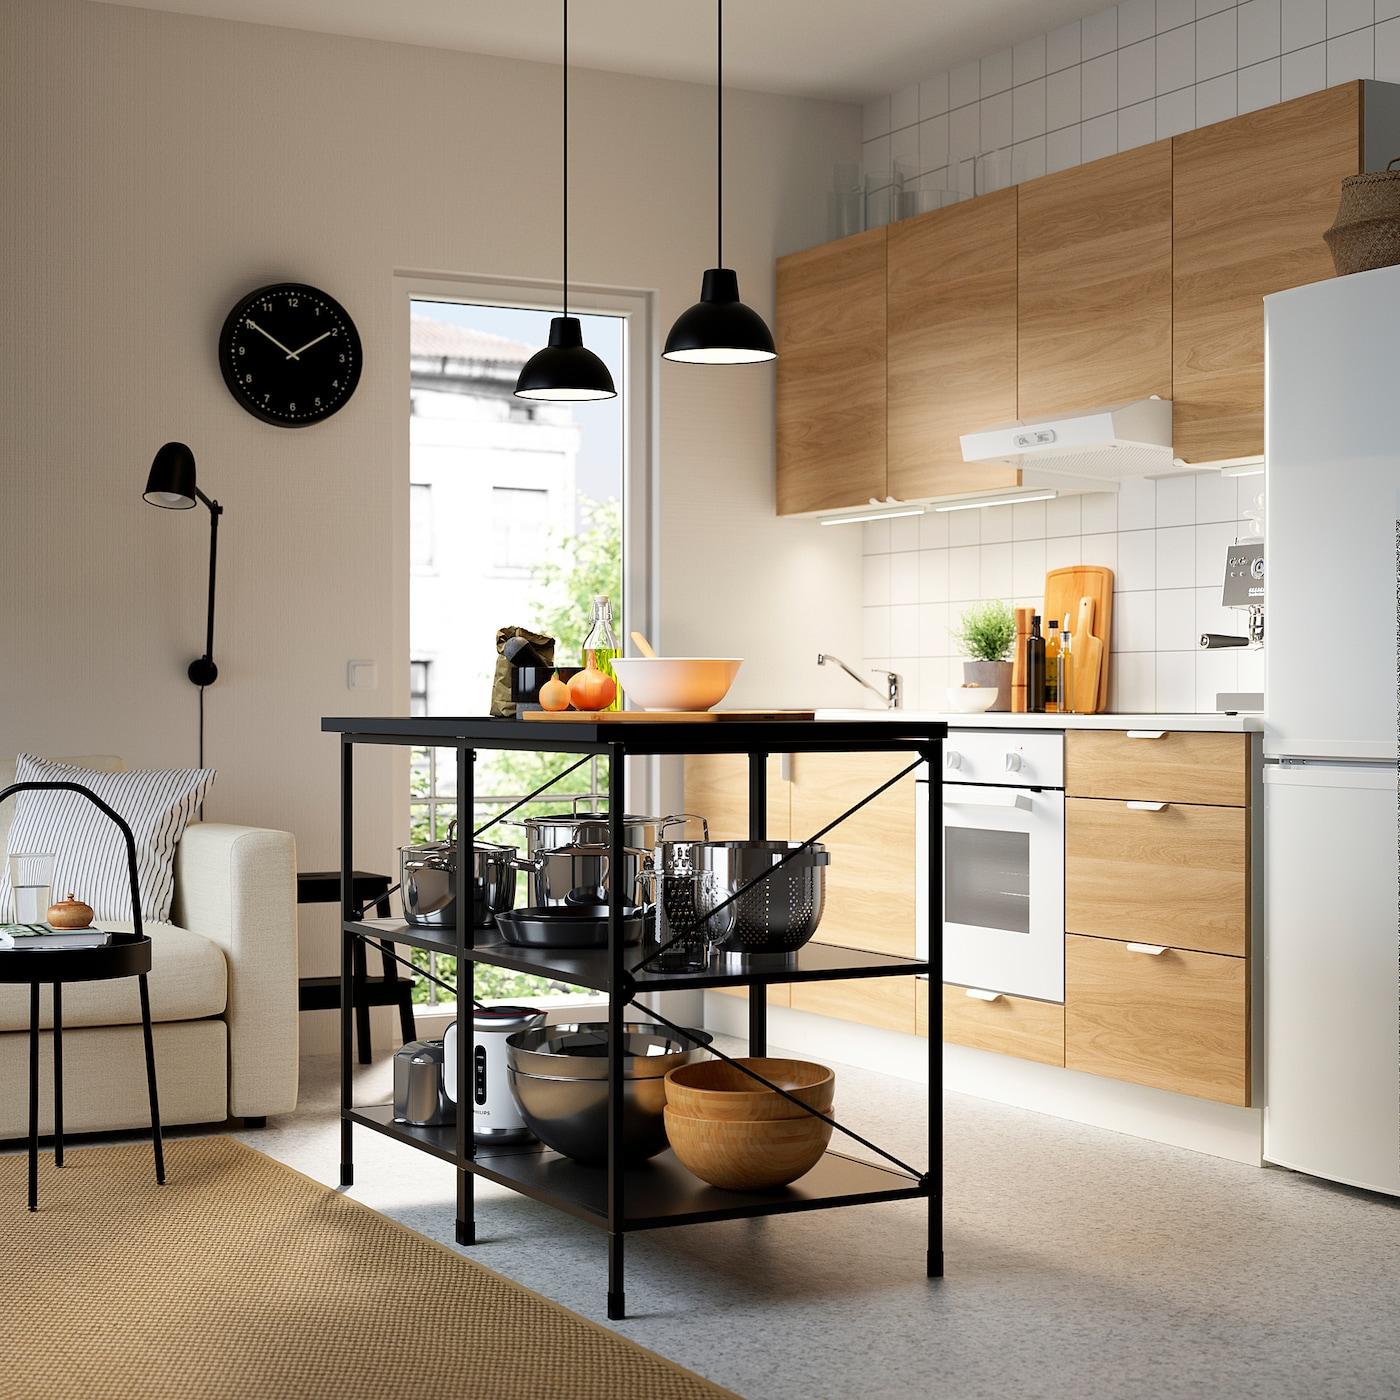 ENHET Kücheninsel/Regal, anthrazit, 123x63.5x91 cm